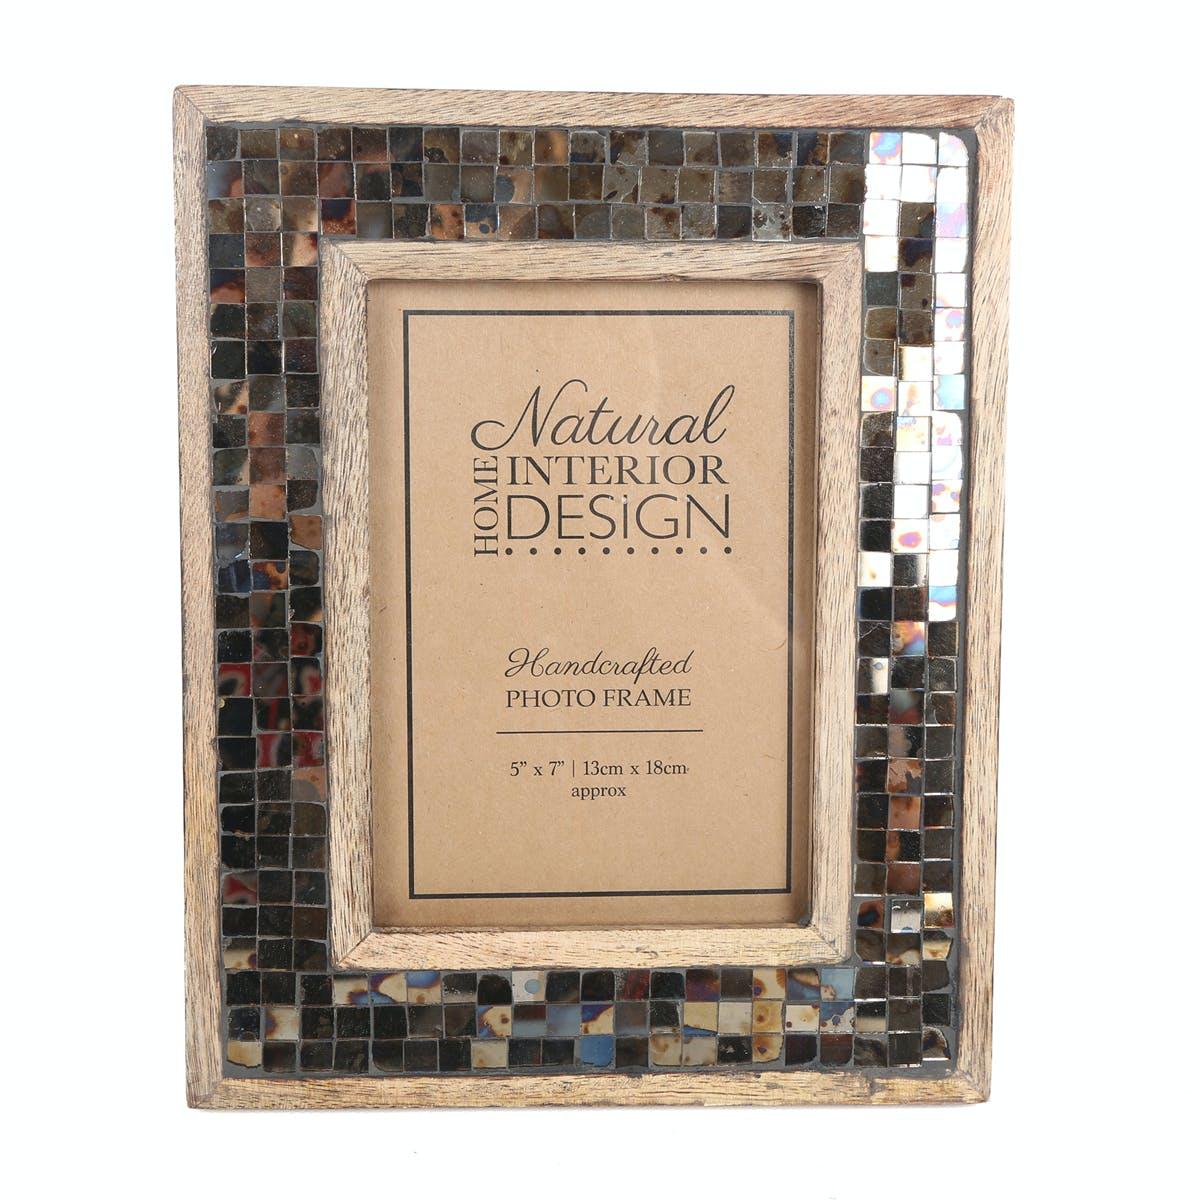 Cadre photo 13x18 en bois de Manguier décor Mozaic style Rétro 21x23cm